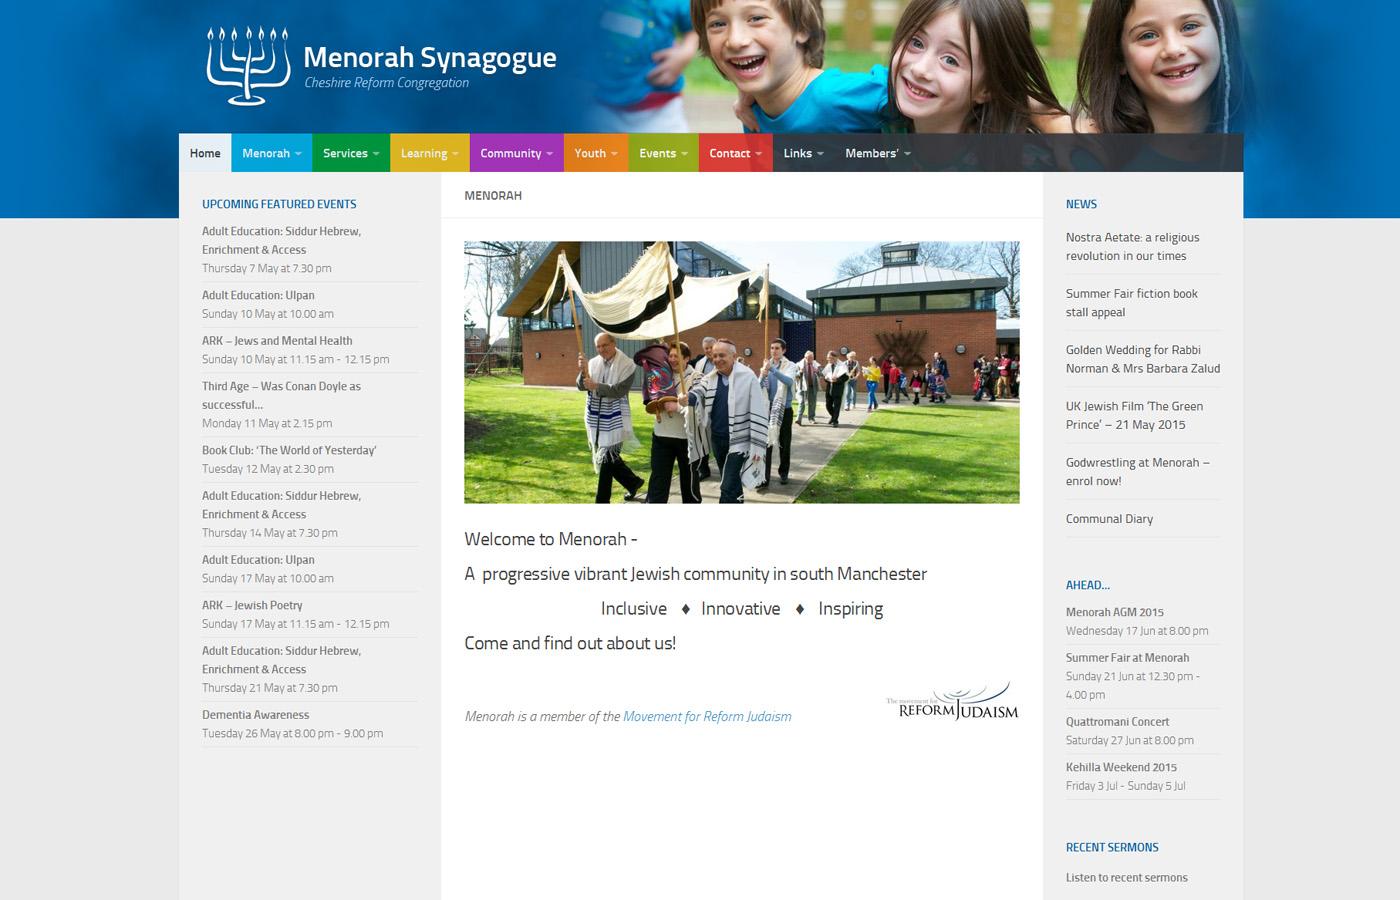 Menorah Synagogue